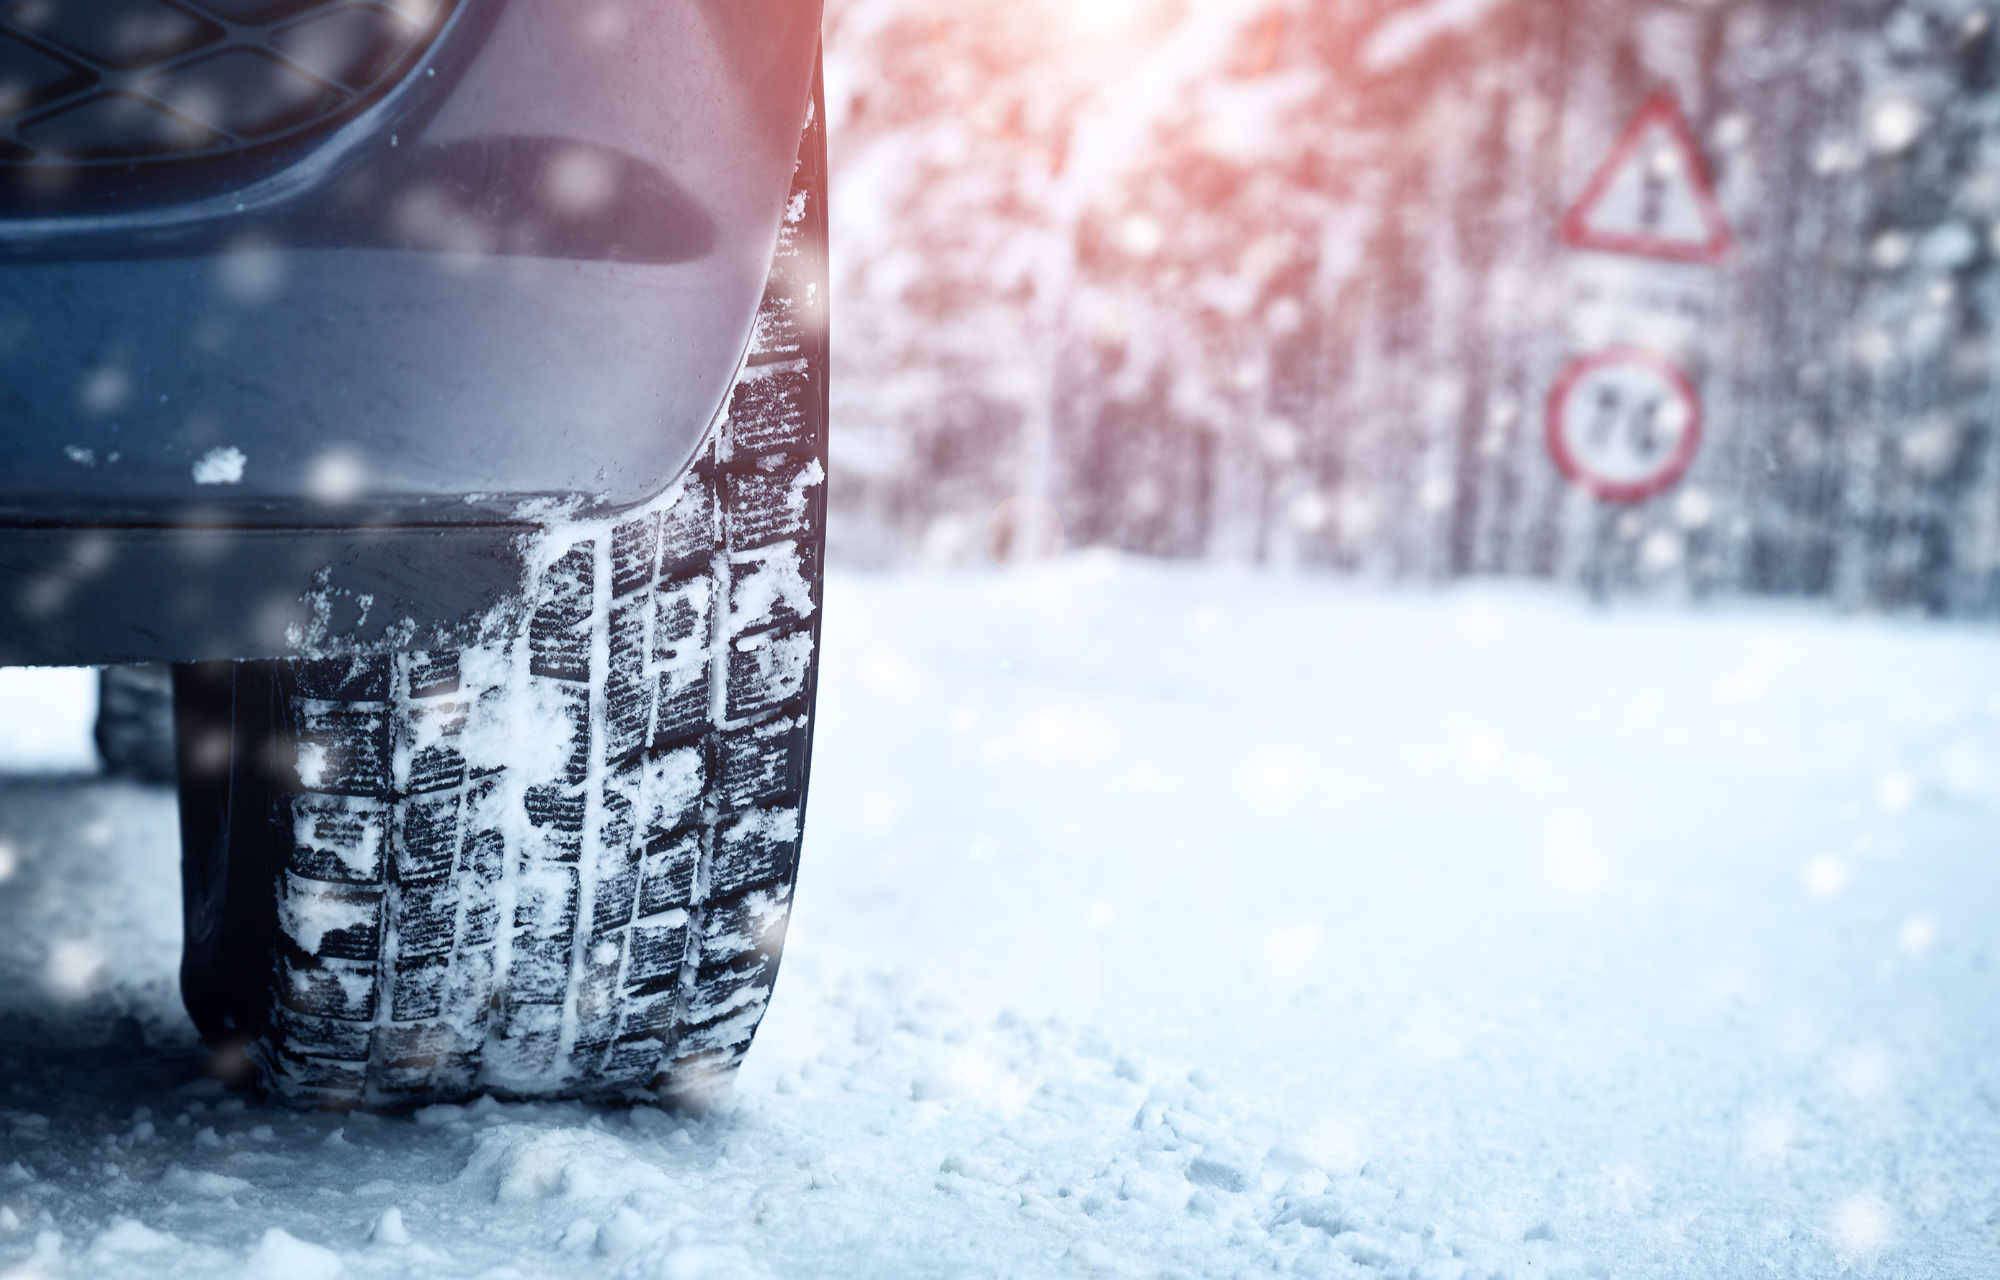 Suivez nos conseils pour être prêts à affronter la route cet hiver !